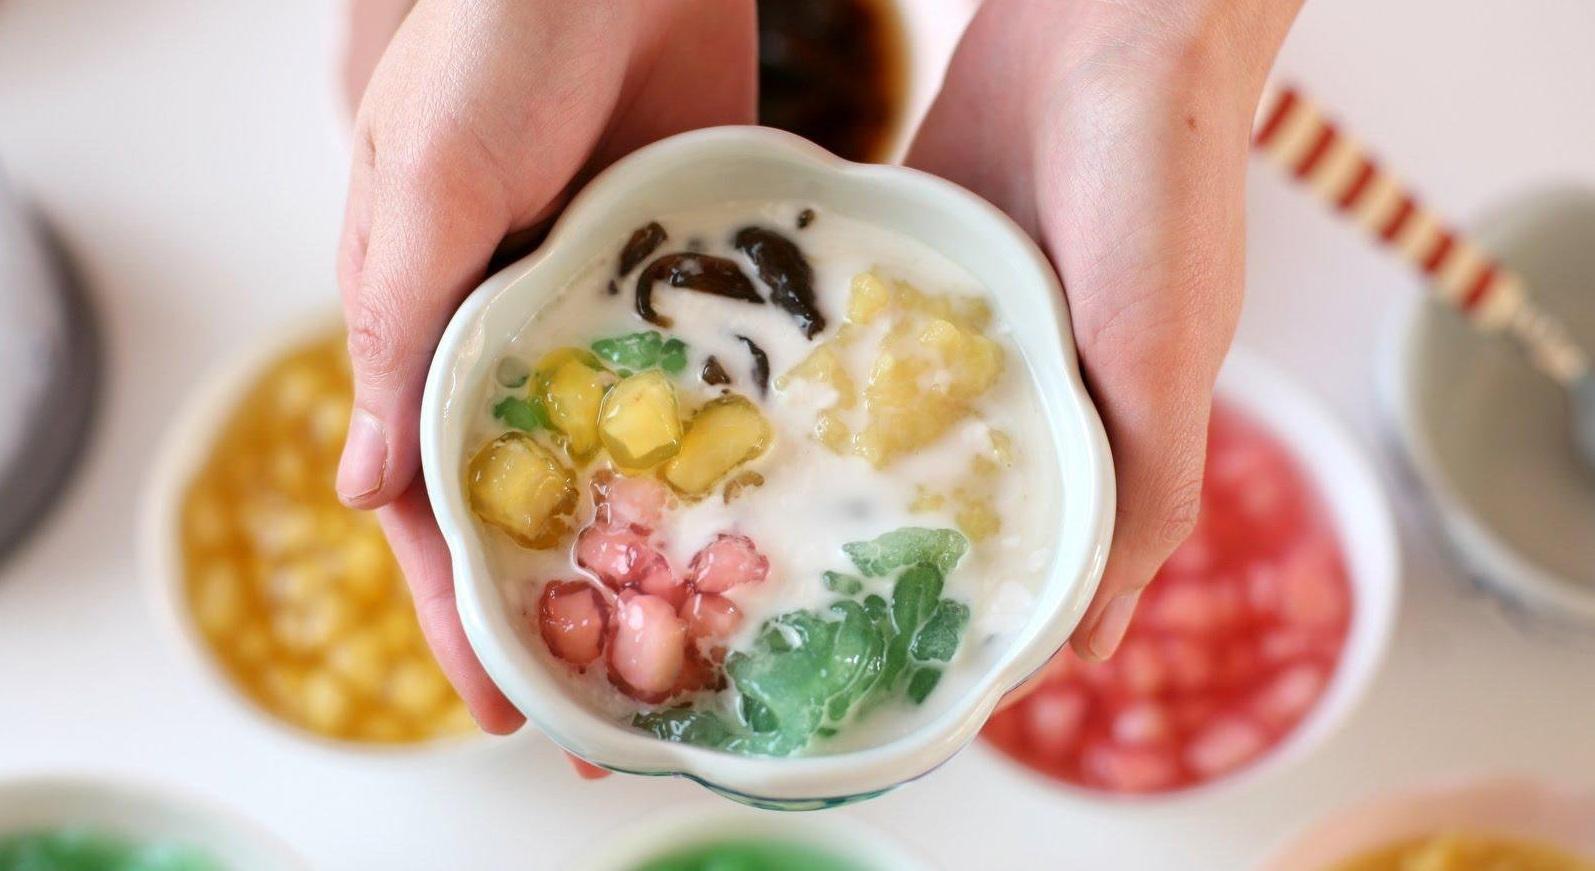 Mùa Hè du lịch Đà Nẵng thích nhất là có cốc chè xoa xoa hạt lựu (Ảnh sưu tầm)